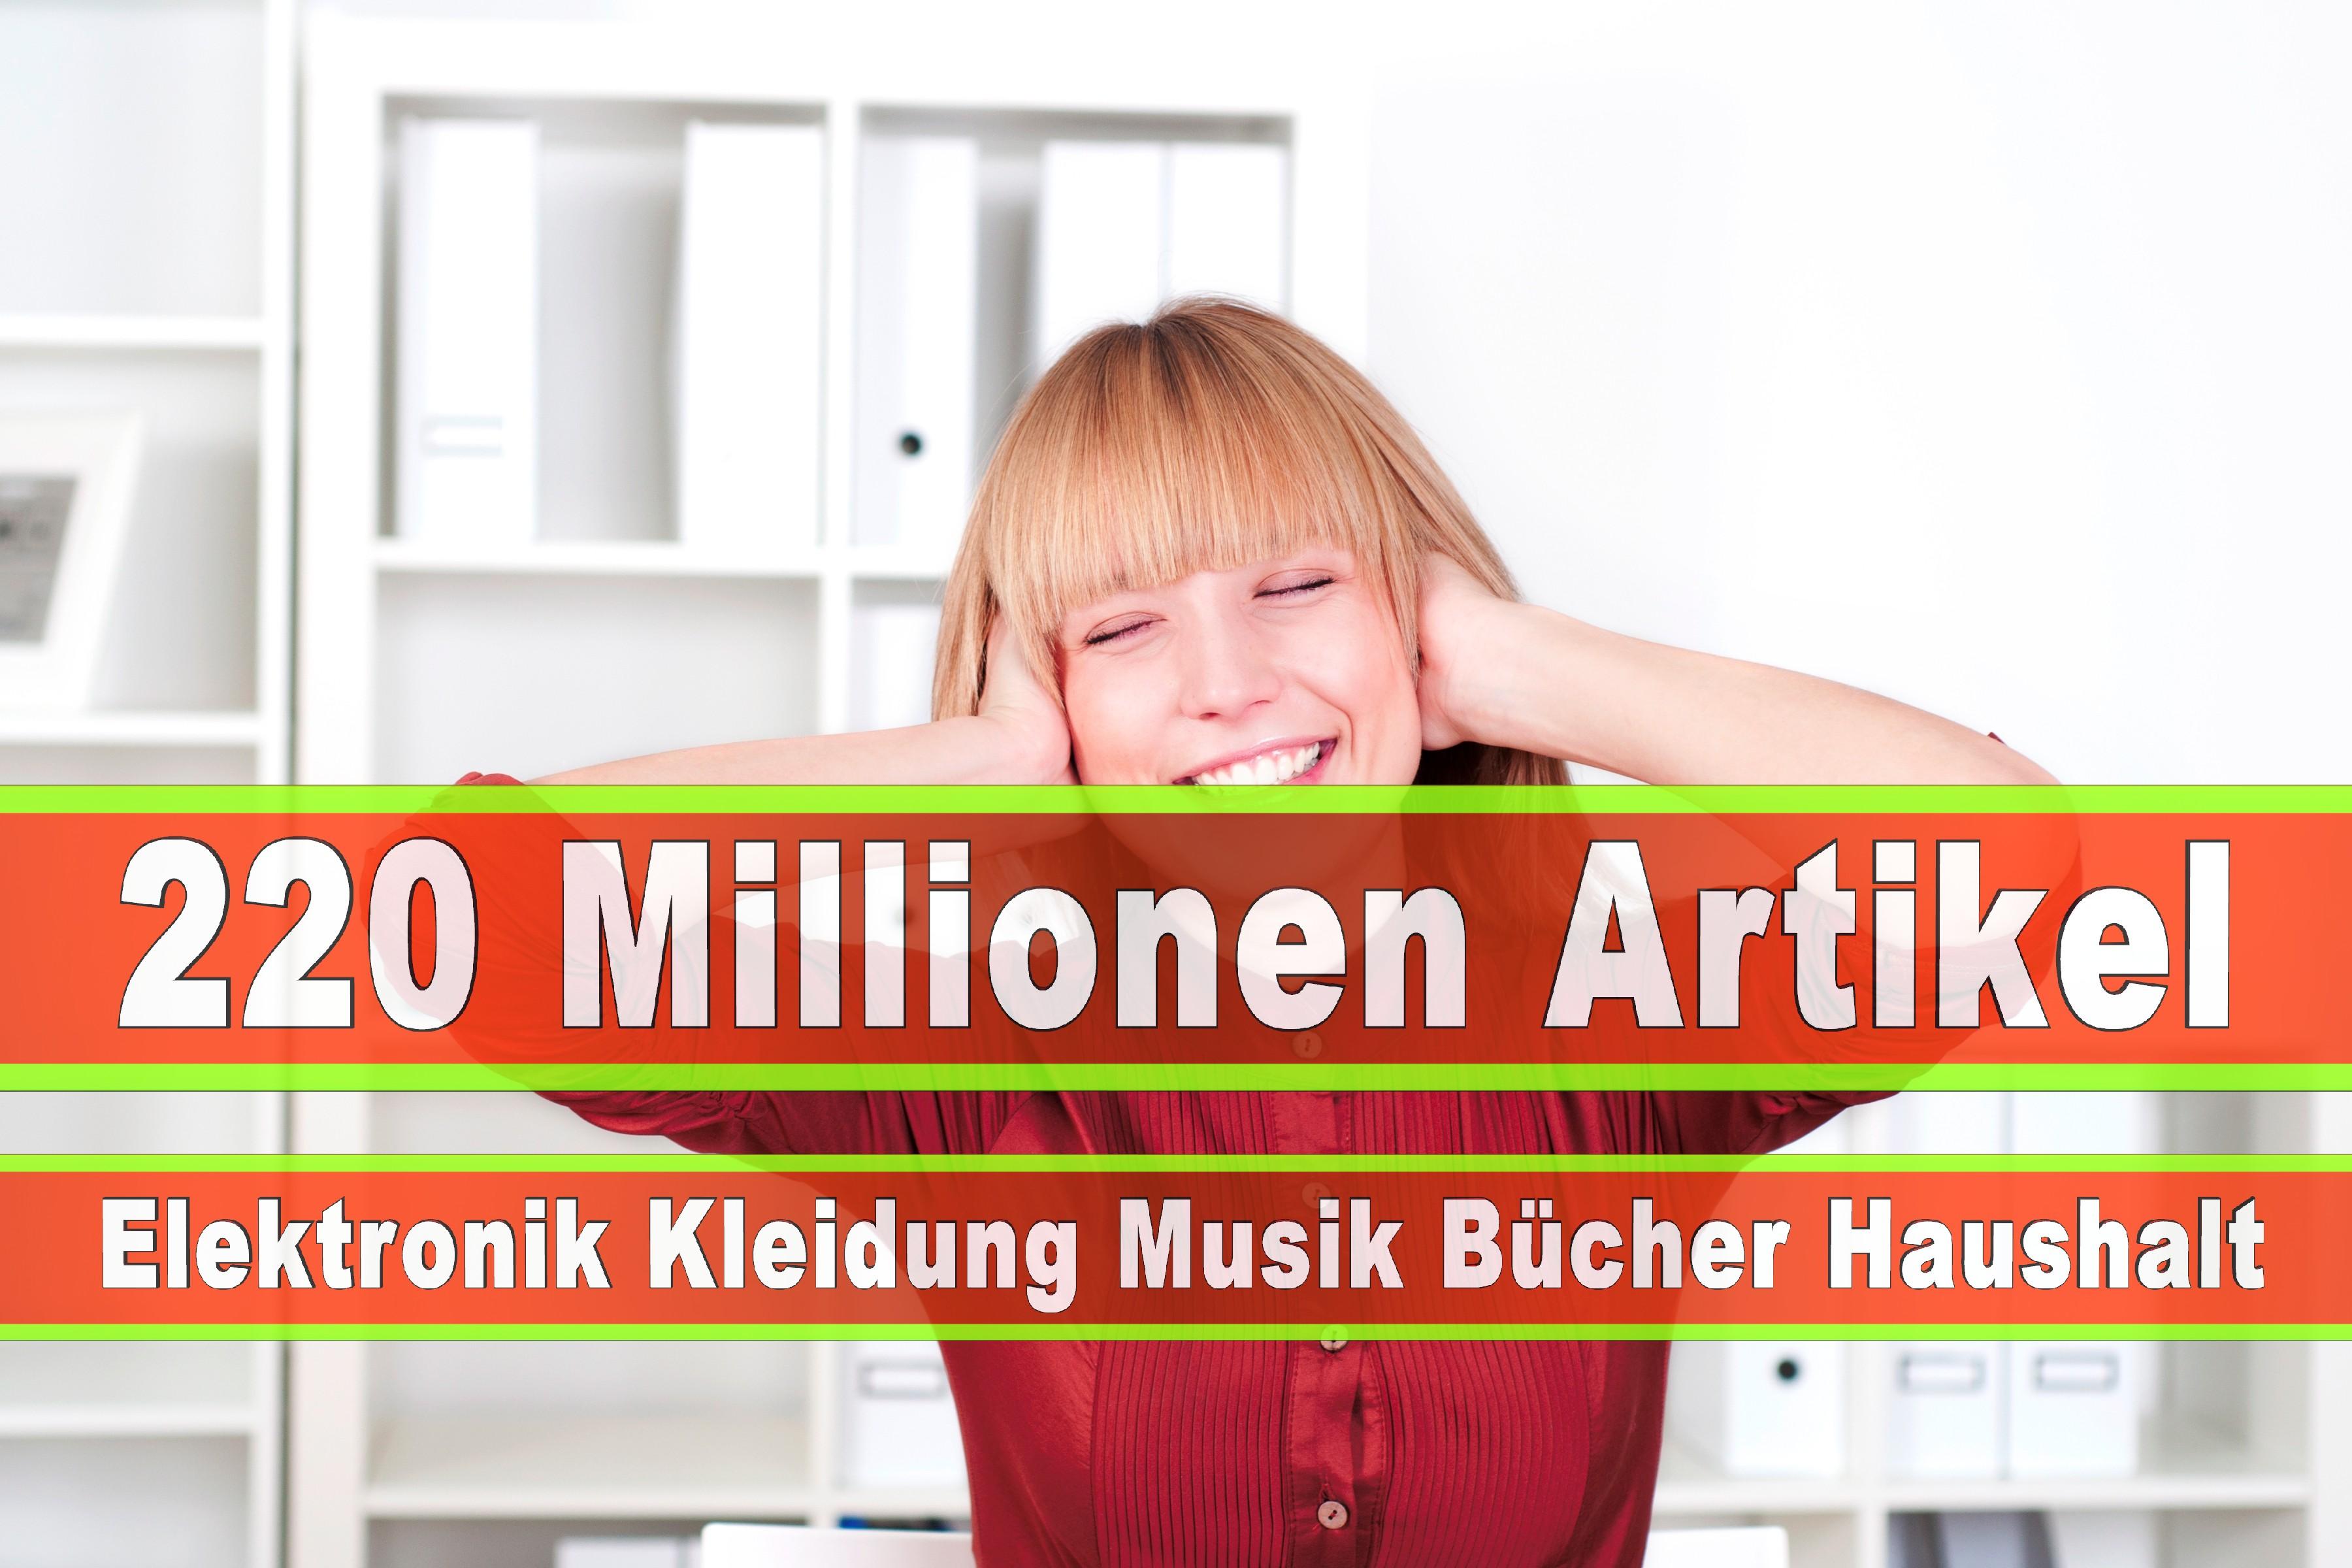 Amazon Elektronik Musik Haushalt Bücher CD DVD Handys Smartphones TV Television Fernseher Kleidung Mode Ebay Versandhaus (108)